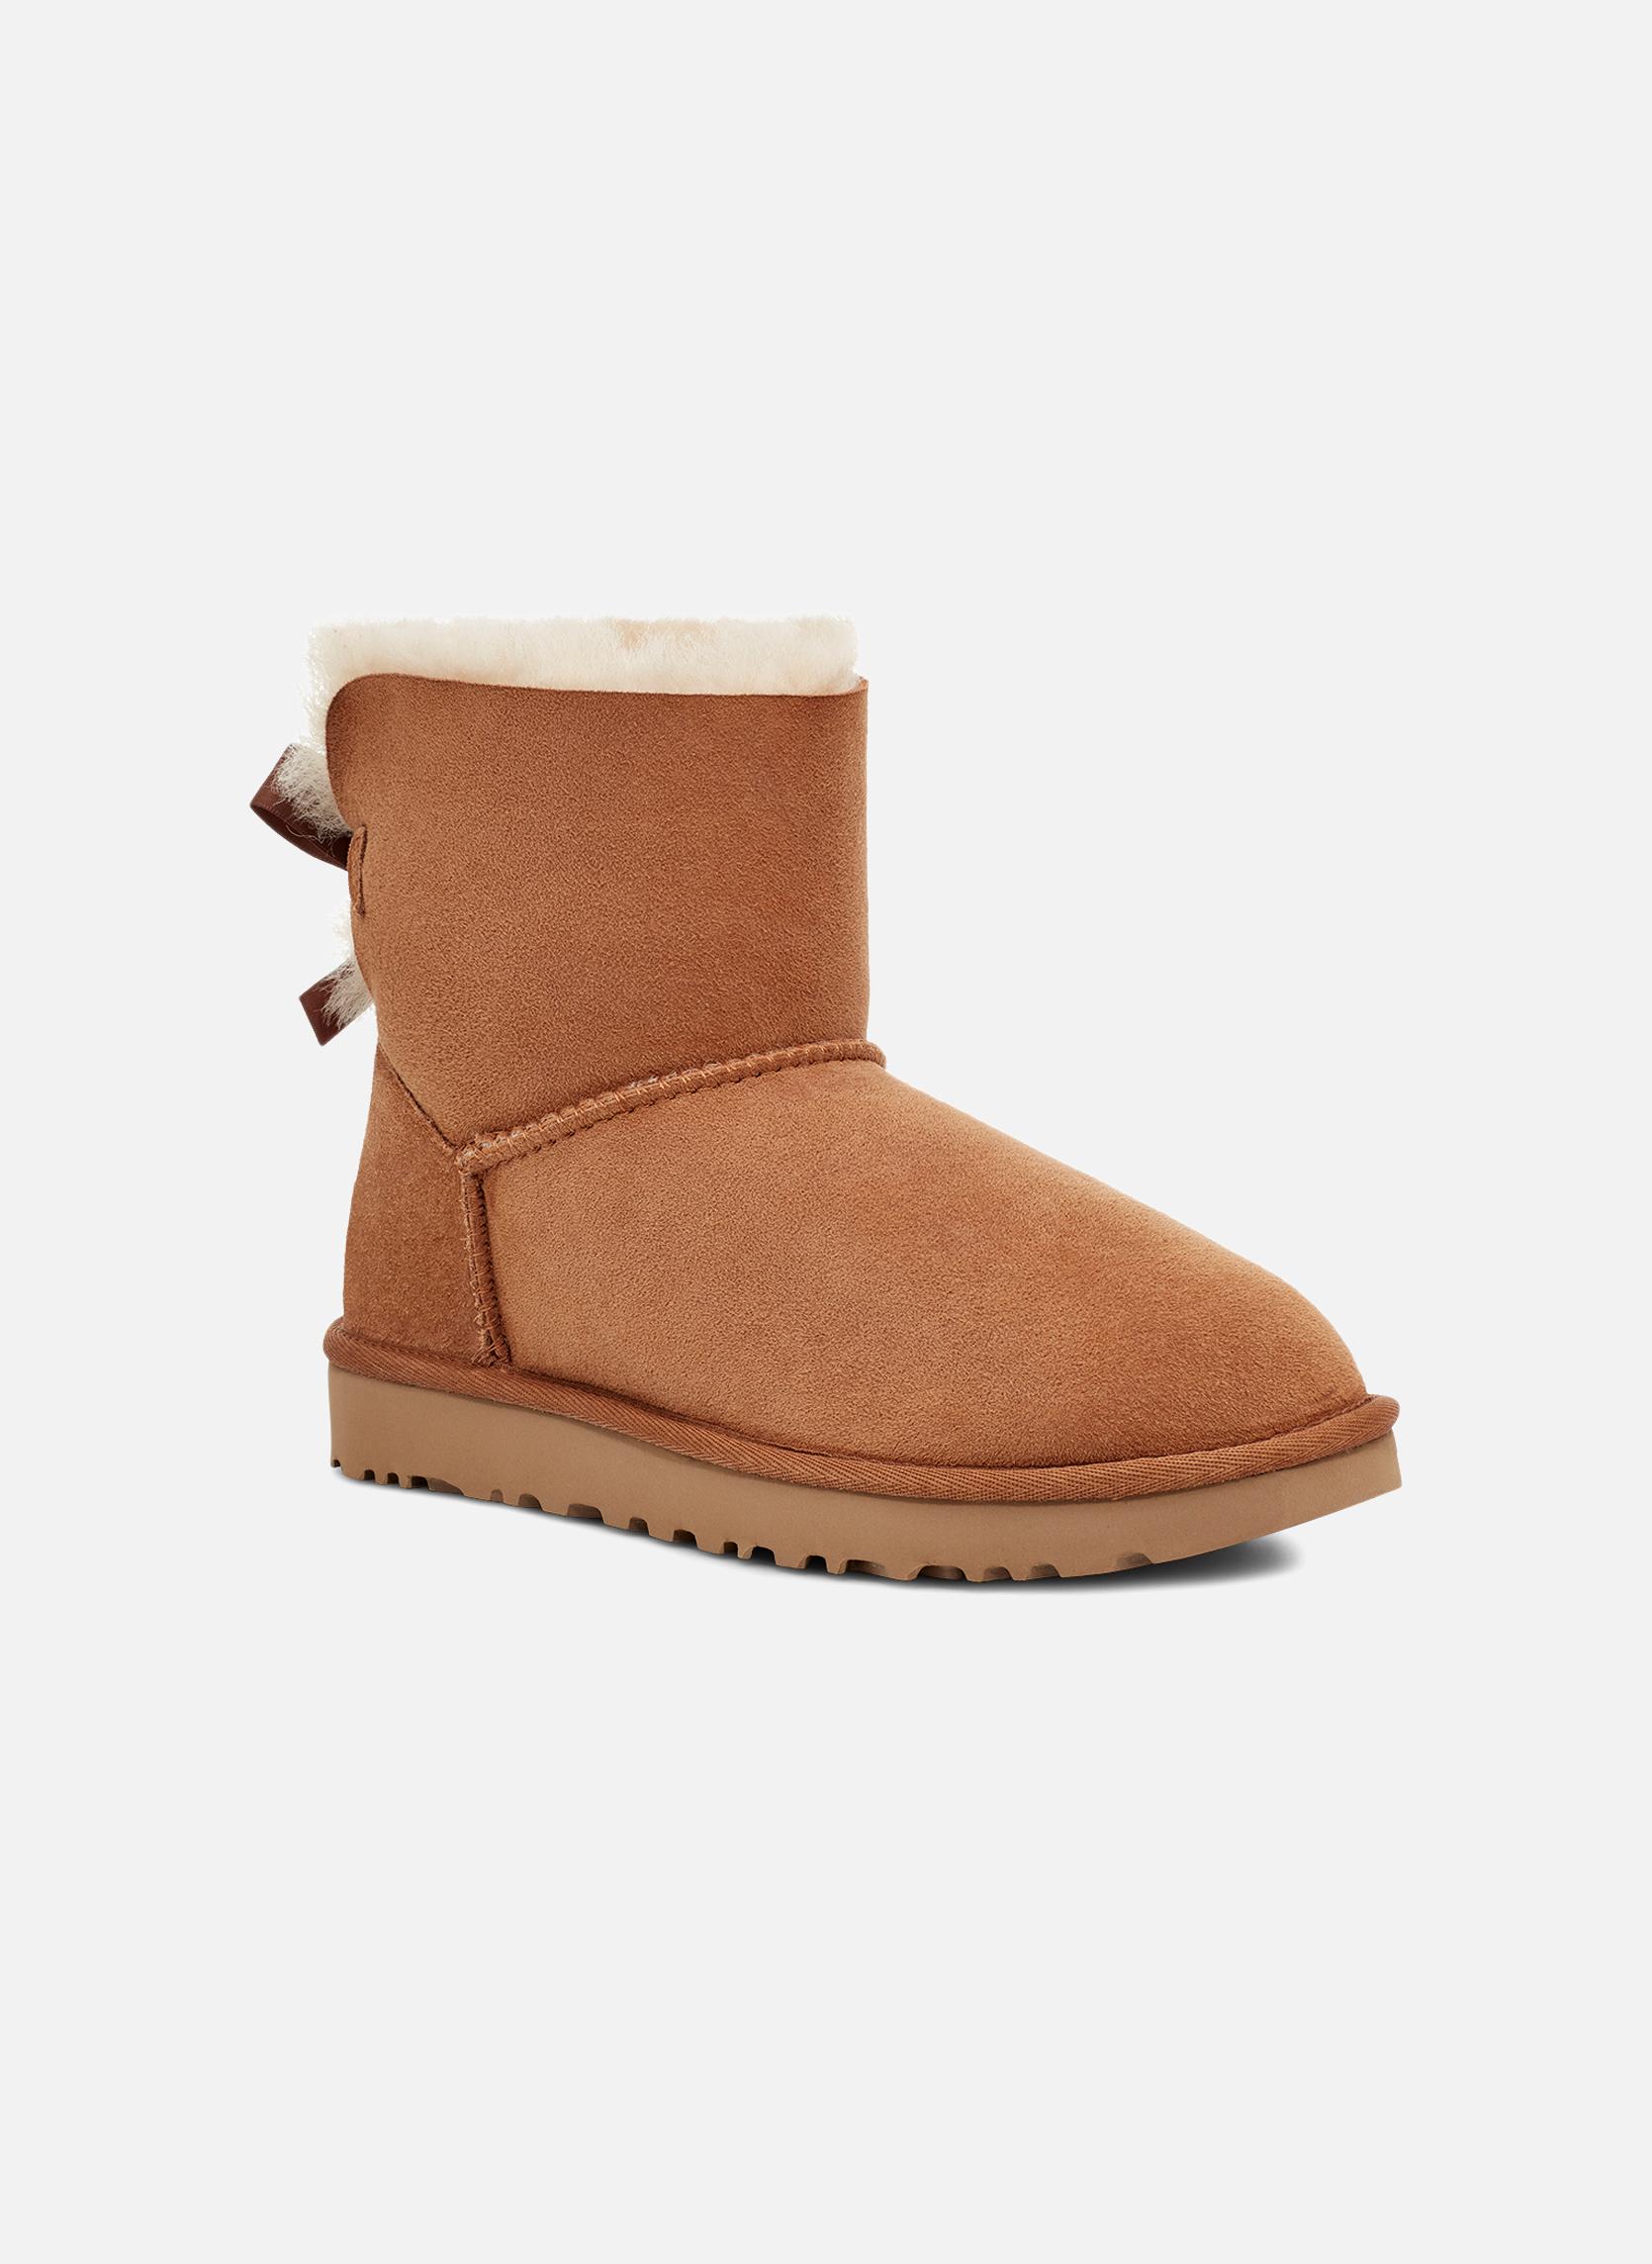 61448e2af4f8 Ugg Boots Sale Billig